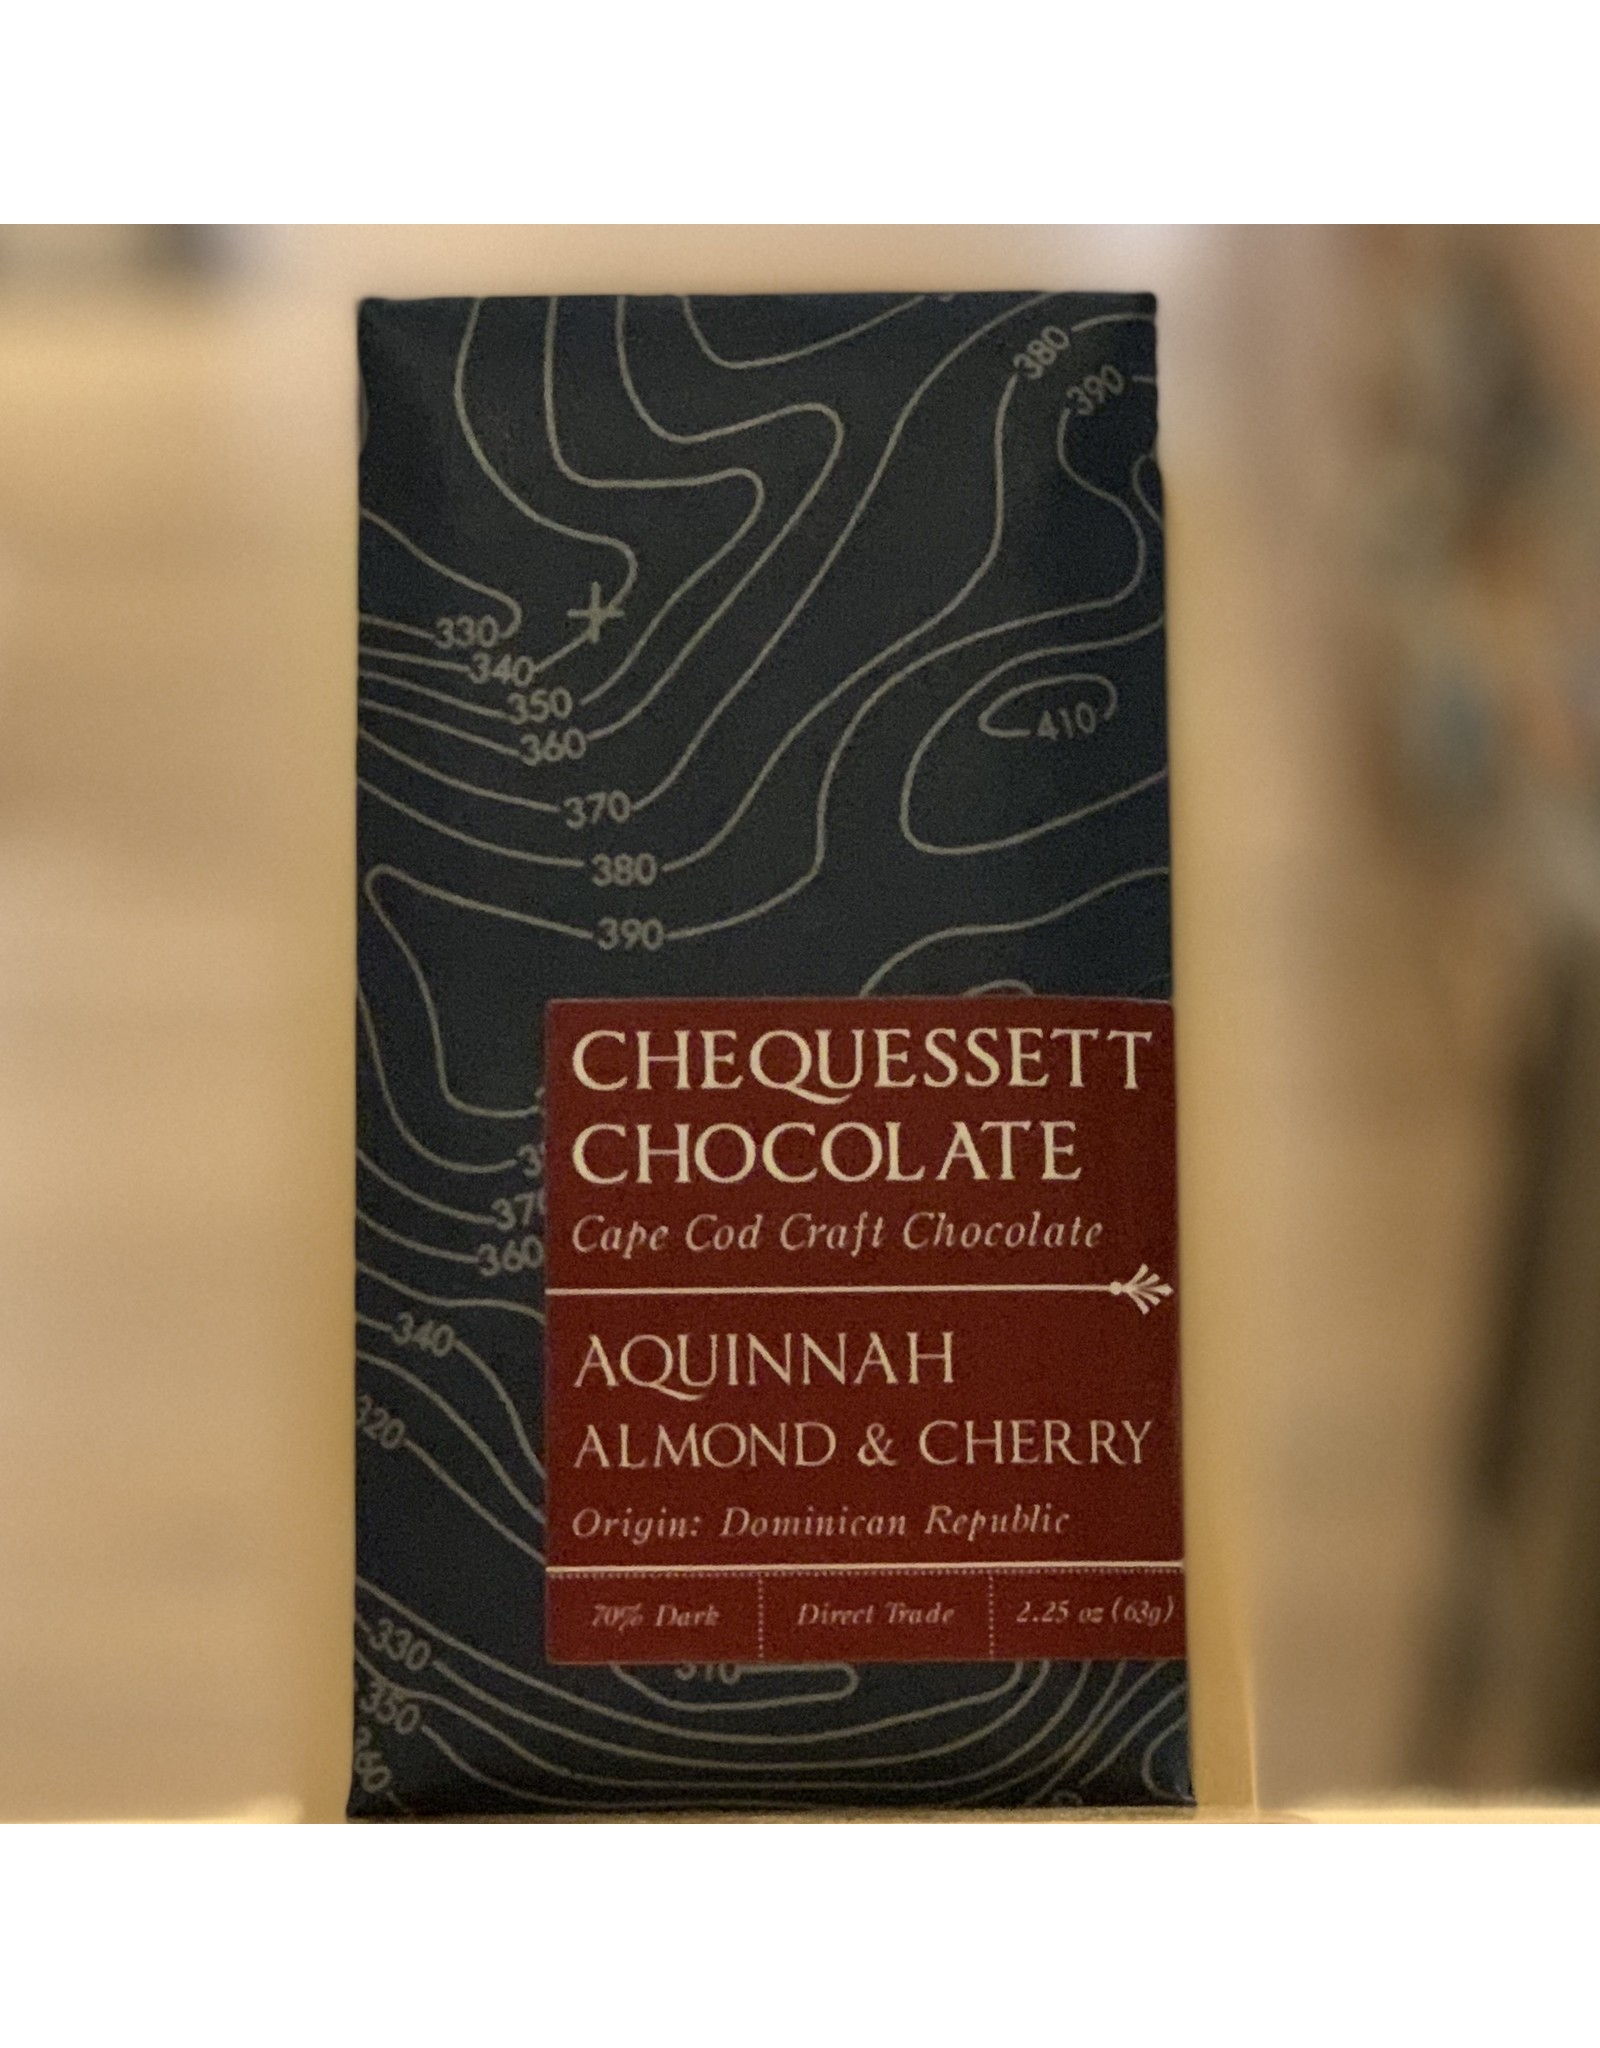 Chocolate Chequessett Chocolate Cherry Almond Bar